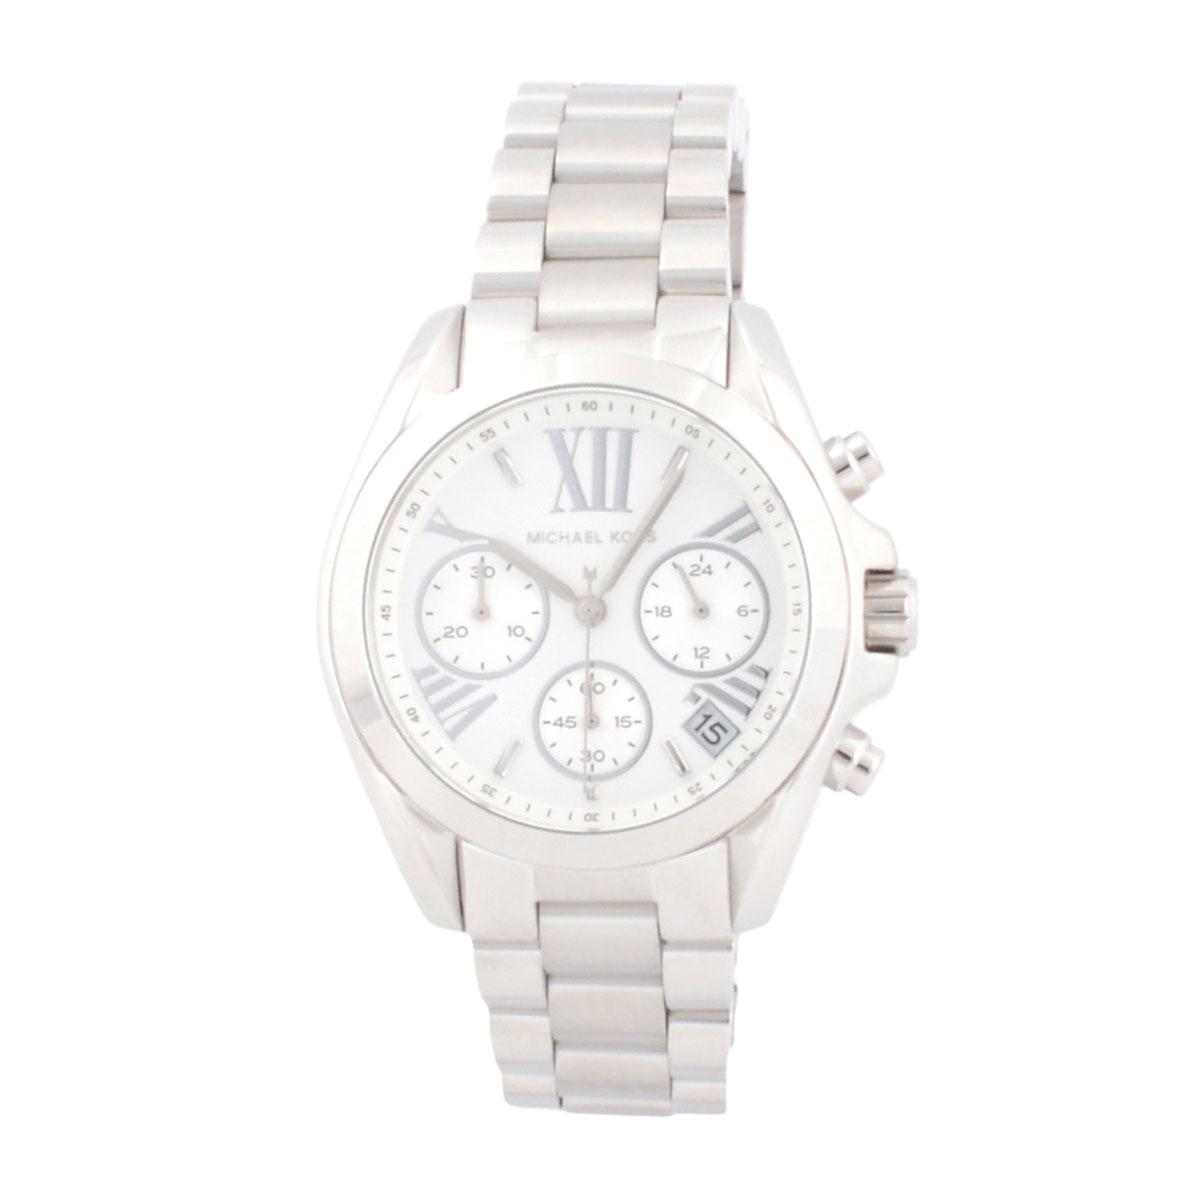 マイケル コース MICHAEL KORS MK6174  レディース 腕時計【r】【新品・未使用・正規品】